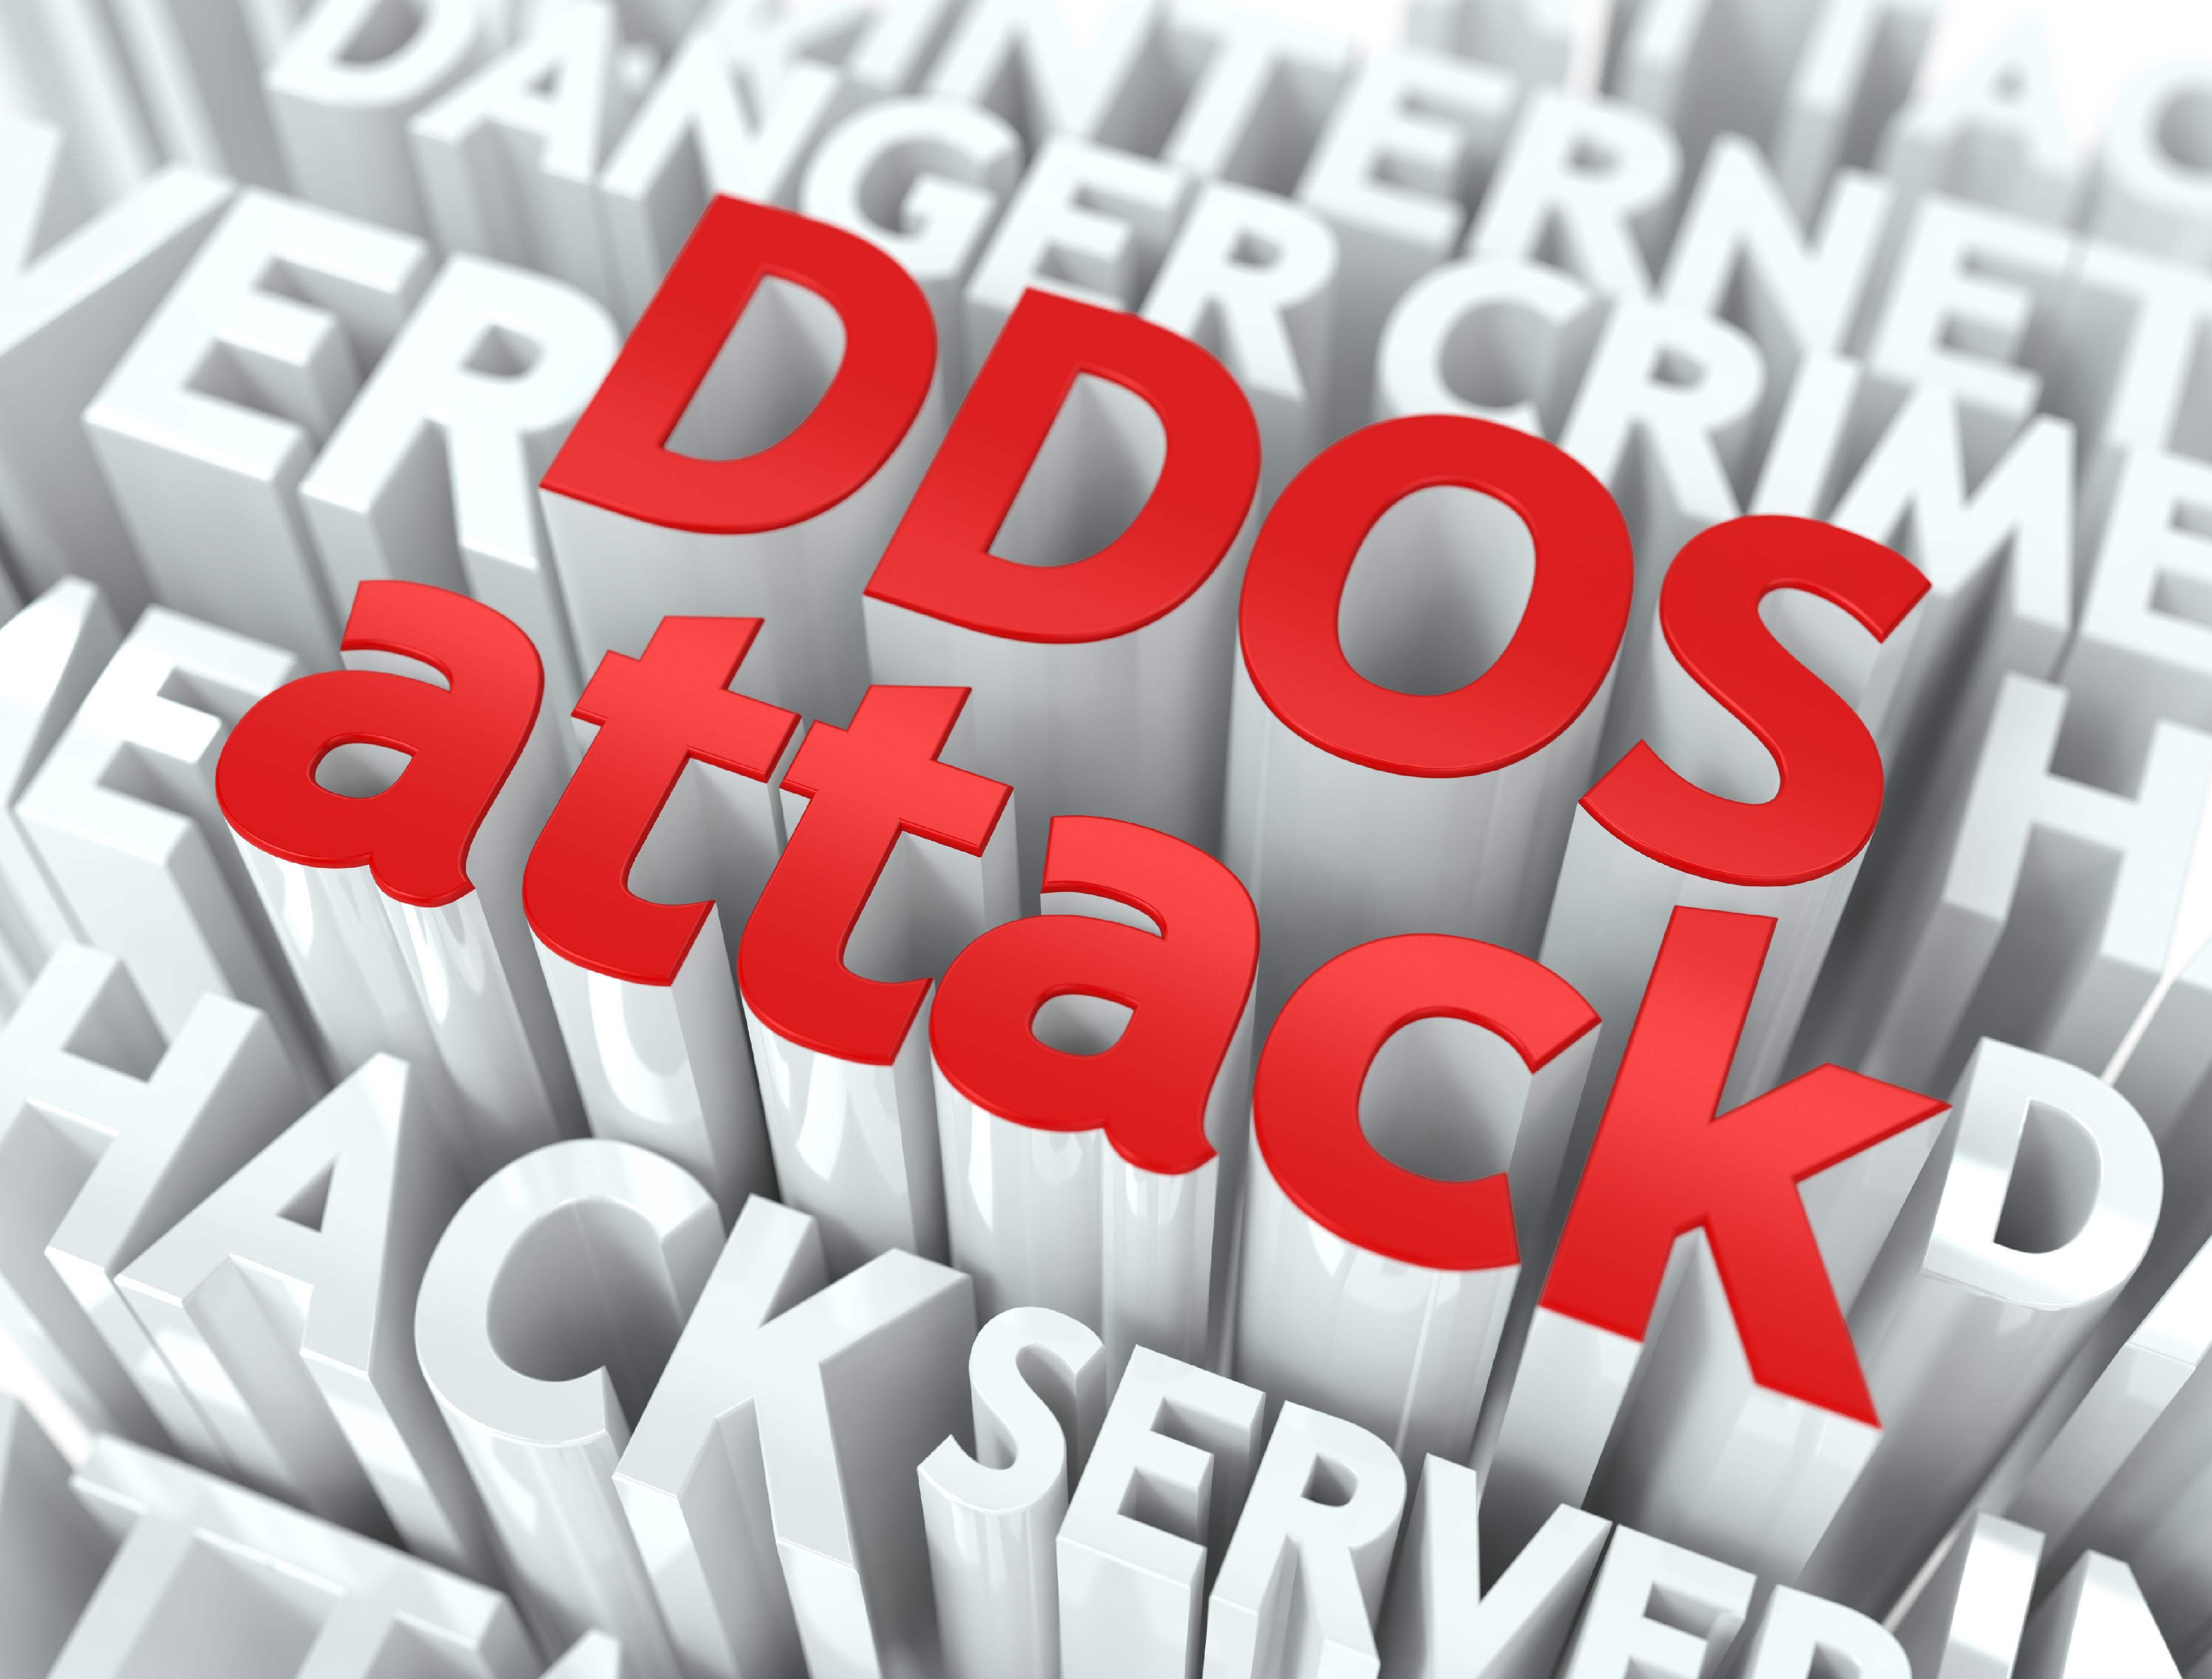 Incidentele de securitate care afecteaza serviciile de online banking costa bancile 1,8 milioane de dolari